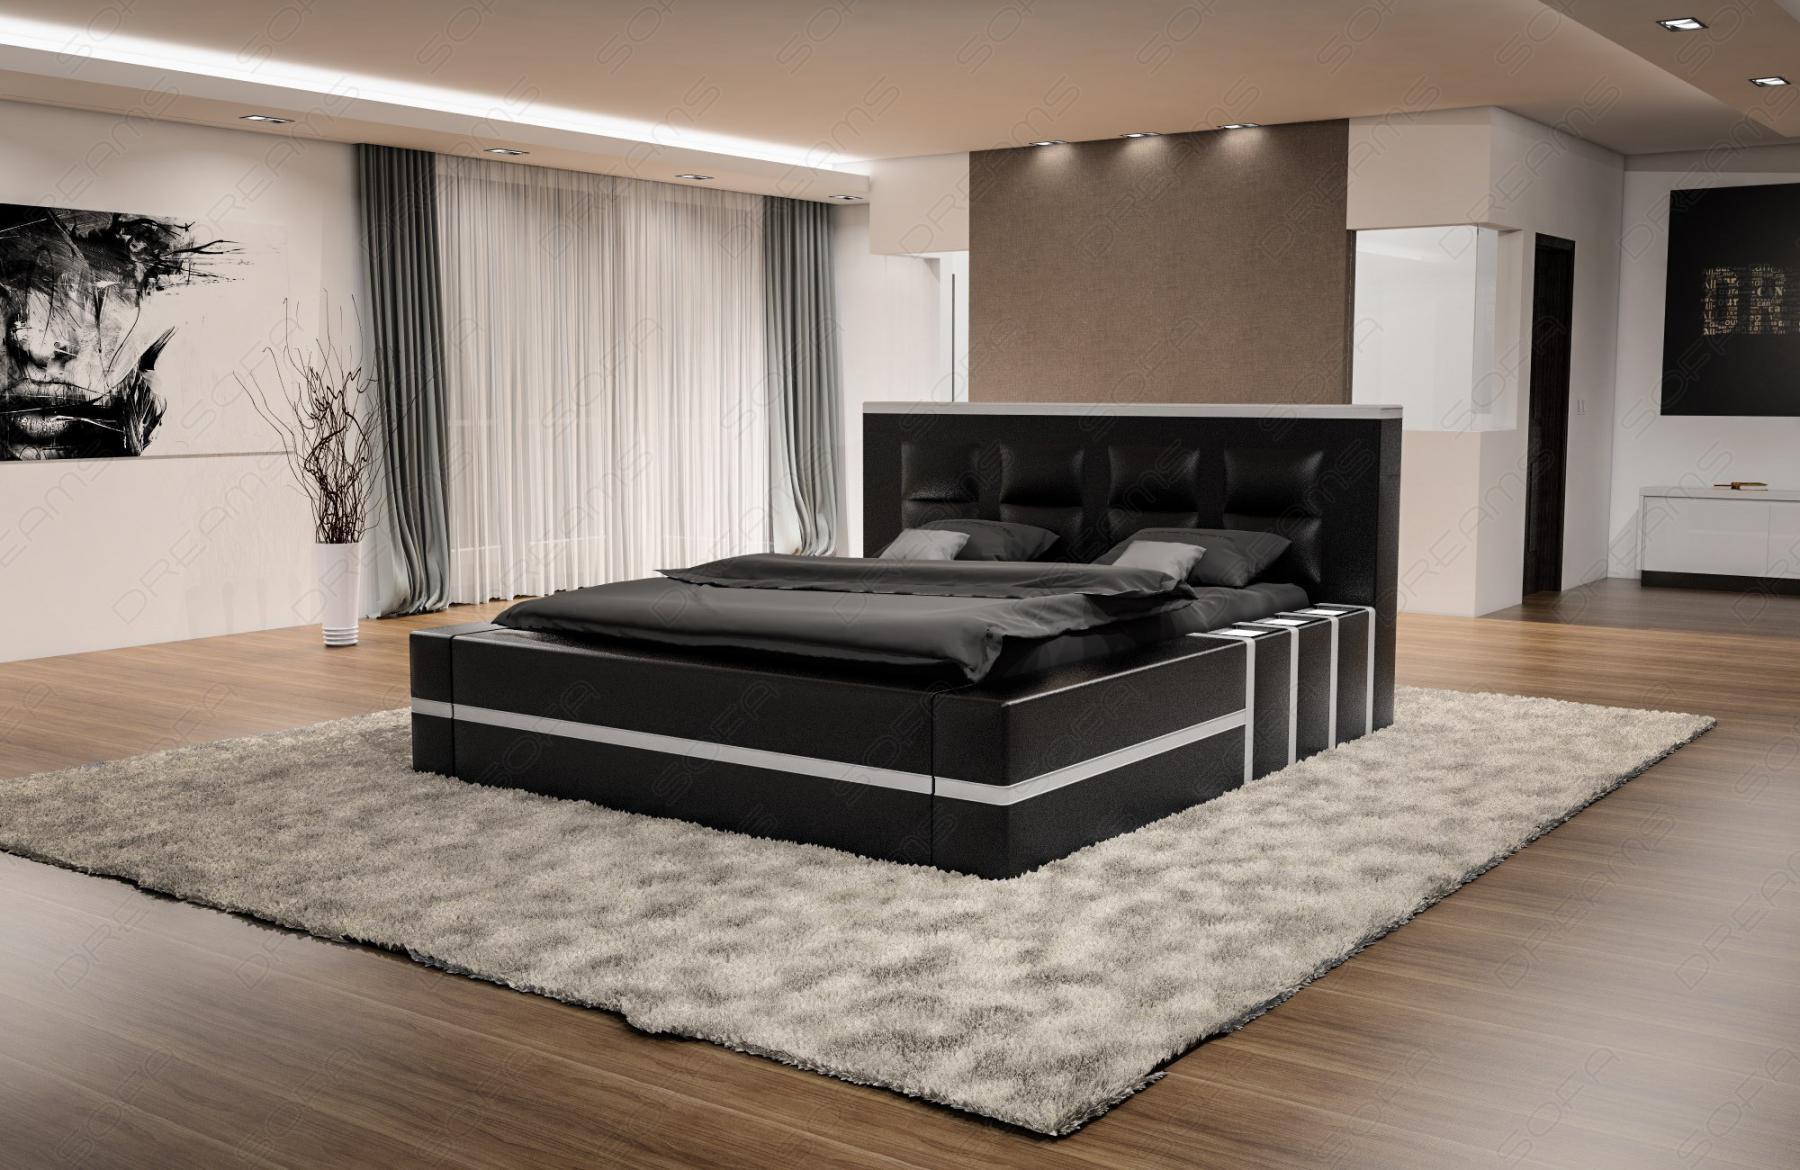 luxus boxspringbett asti mit beleuchtung in schwarz weiss kaufen bei pmr handelsgesellschaft mbh. Black Bedroom Furniture Sets. Home Design Ideas